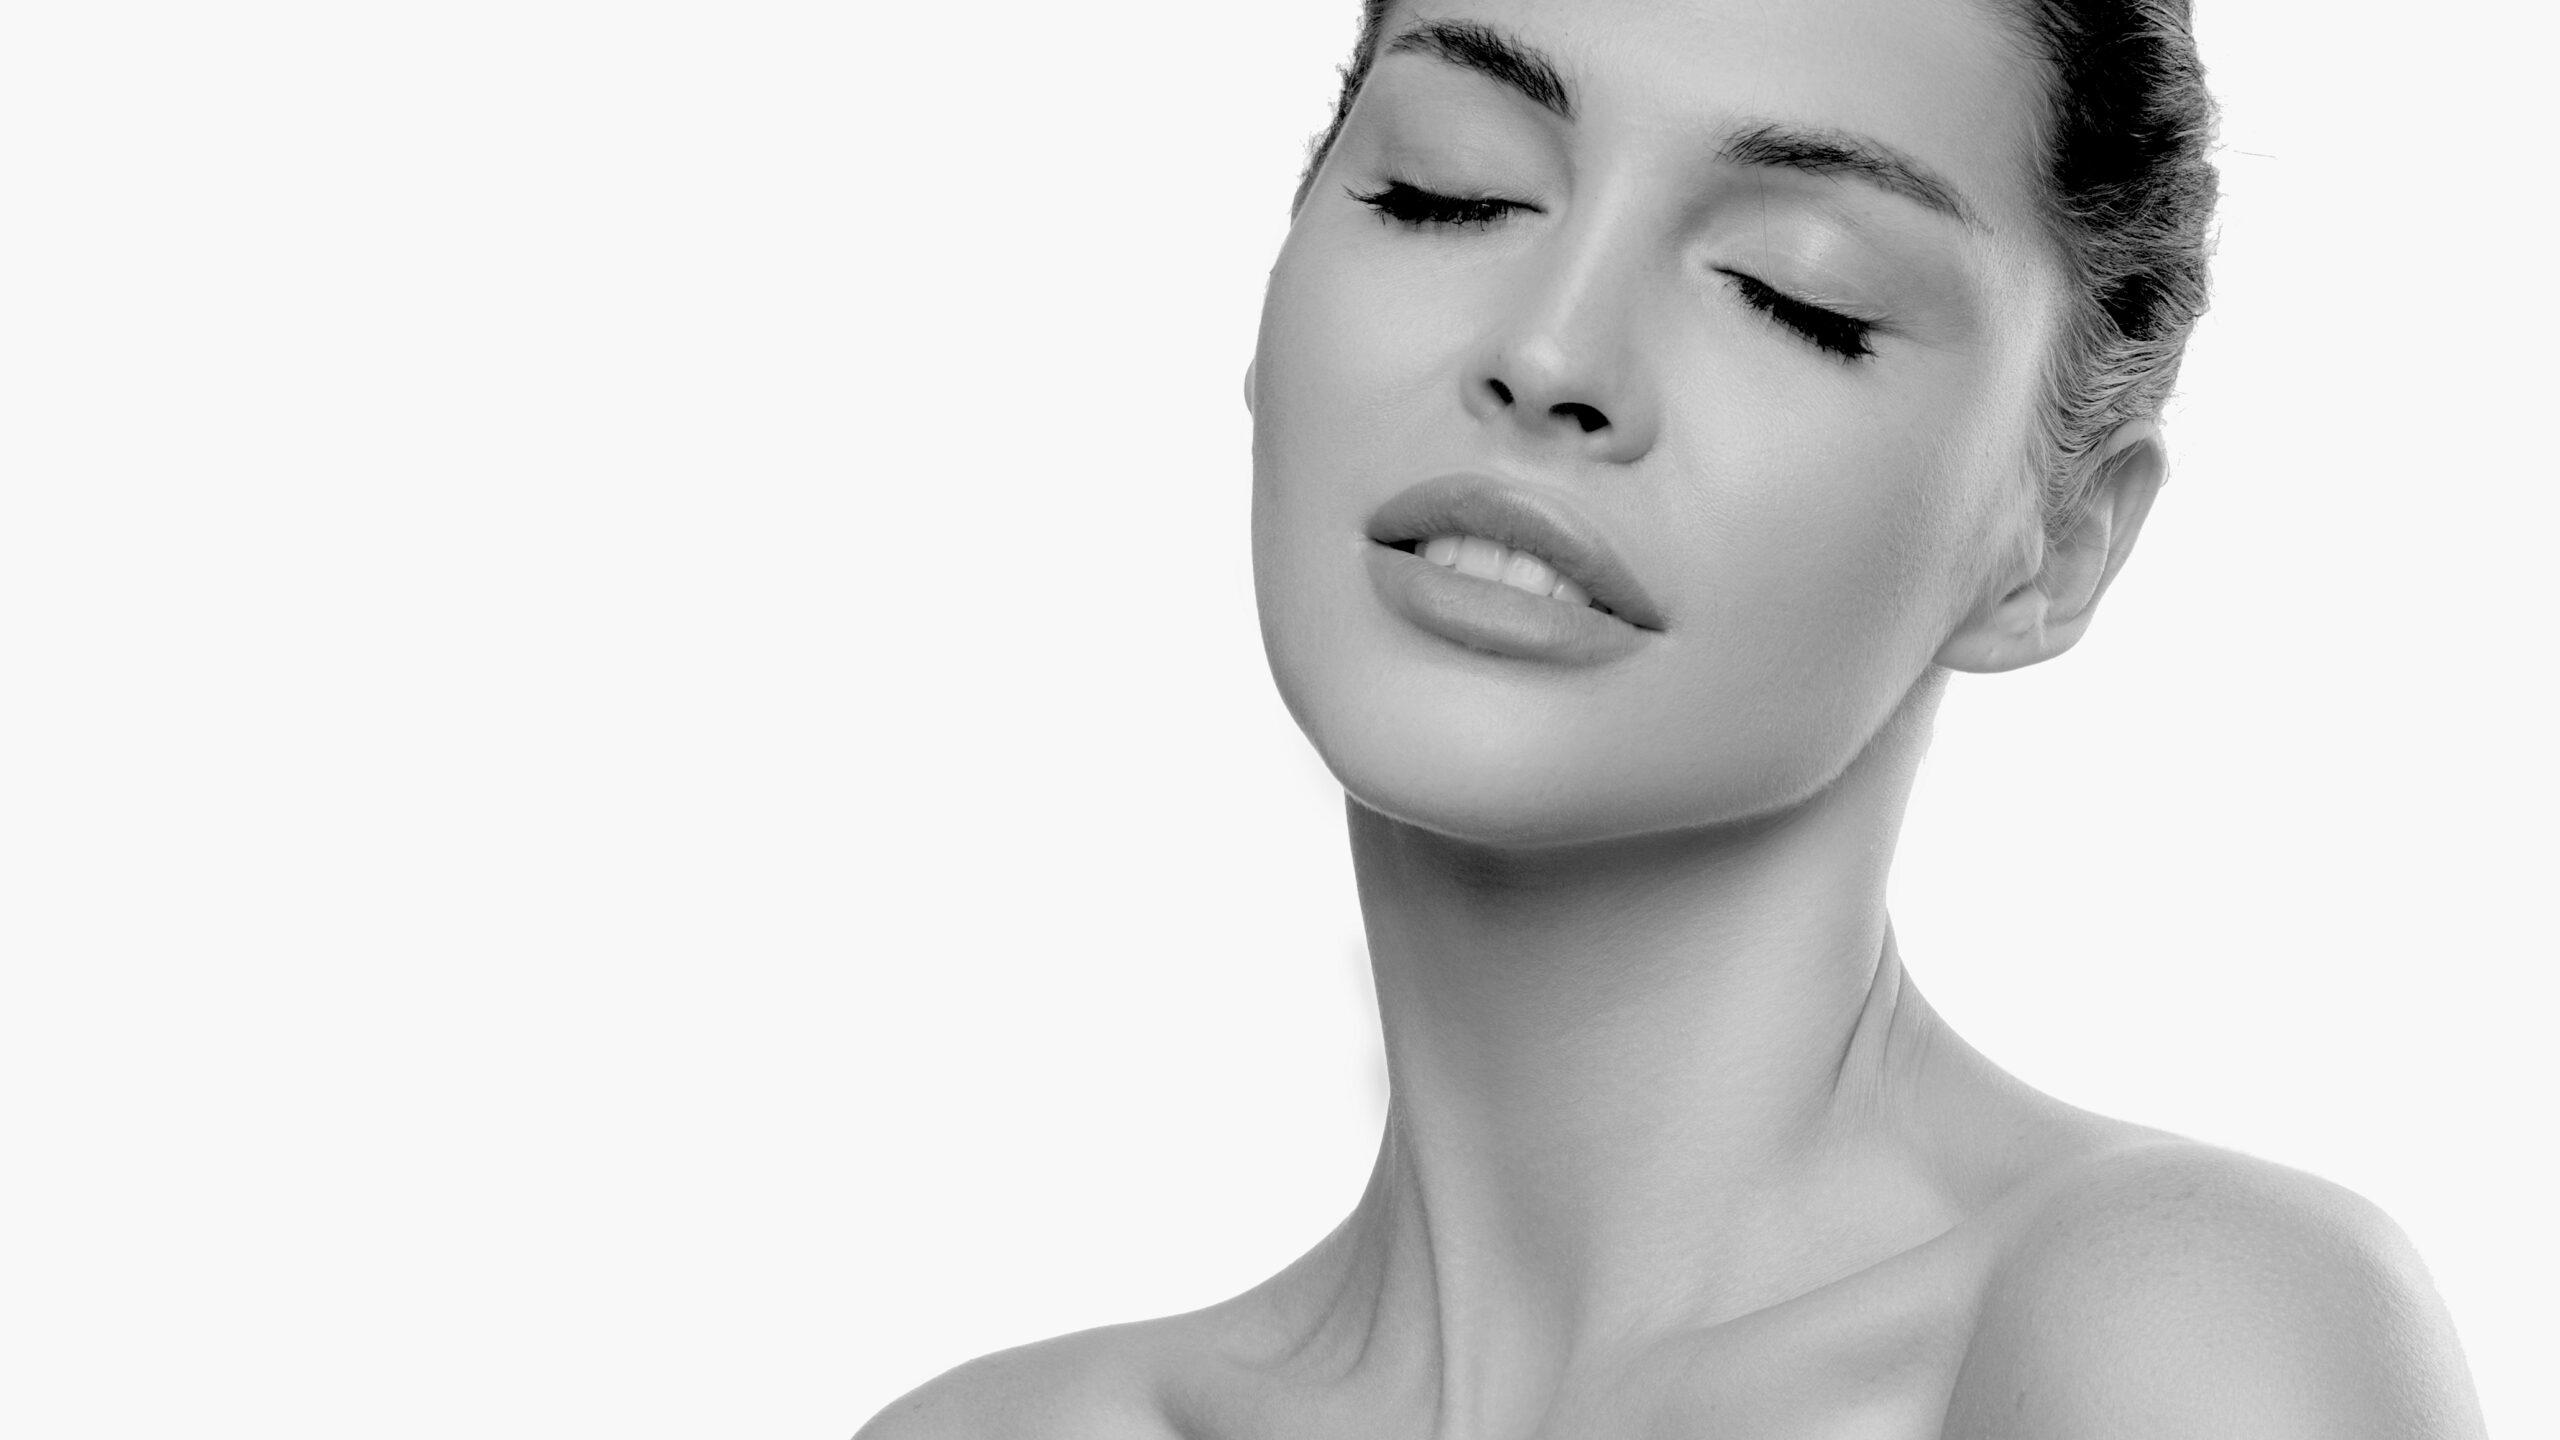 raffaella-cremonesi-sito-chirurgo-estetico-erba-dottoressa-trattamenti-collo-viso-e-corpo-chirurgia-ambulatoriale-sito